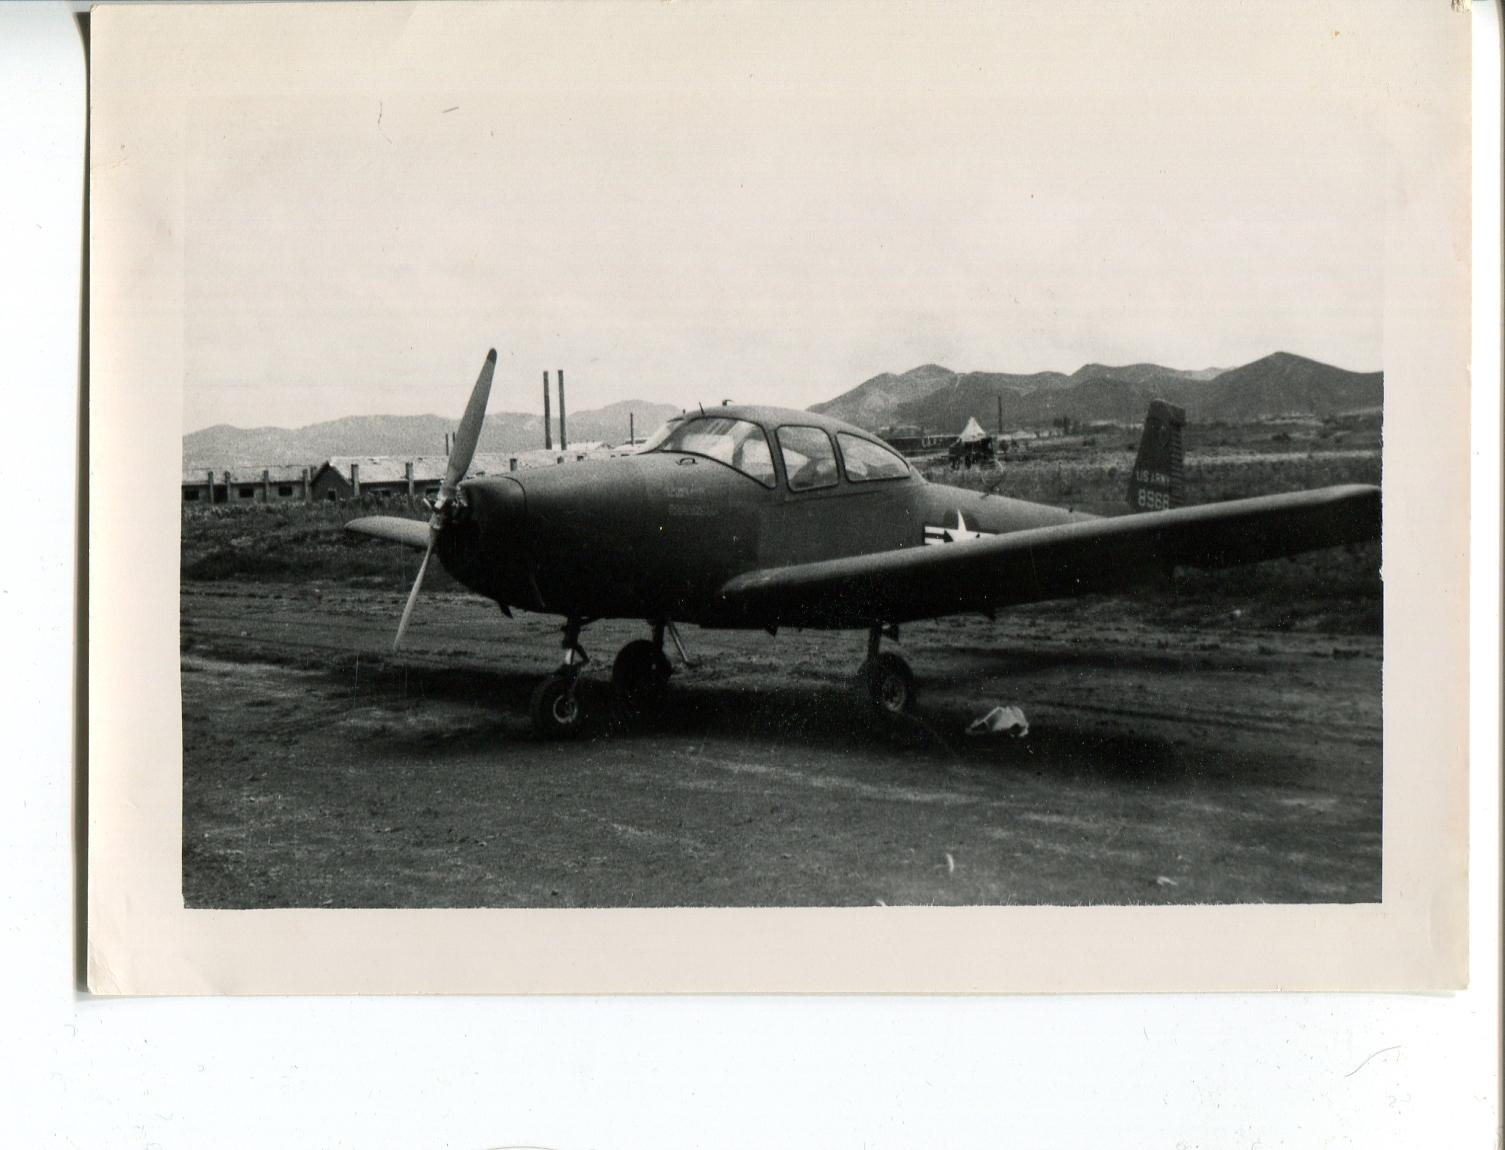 kron191